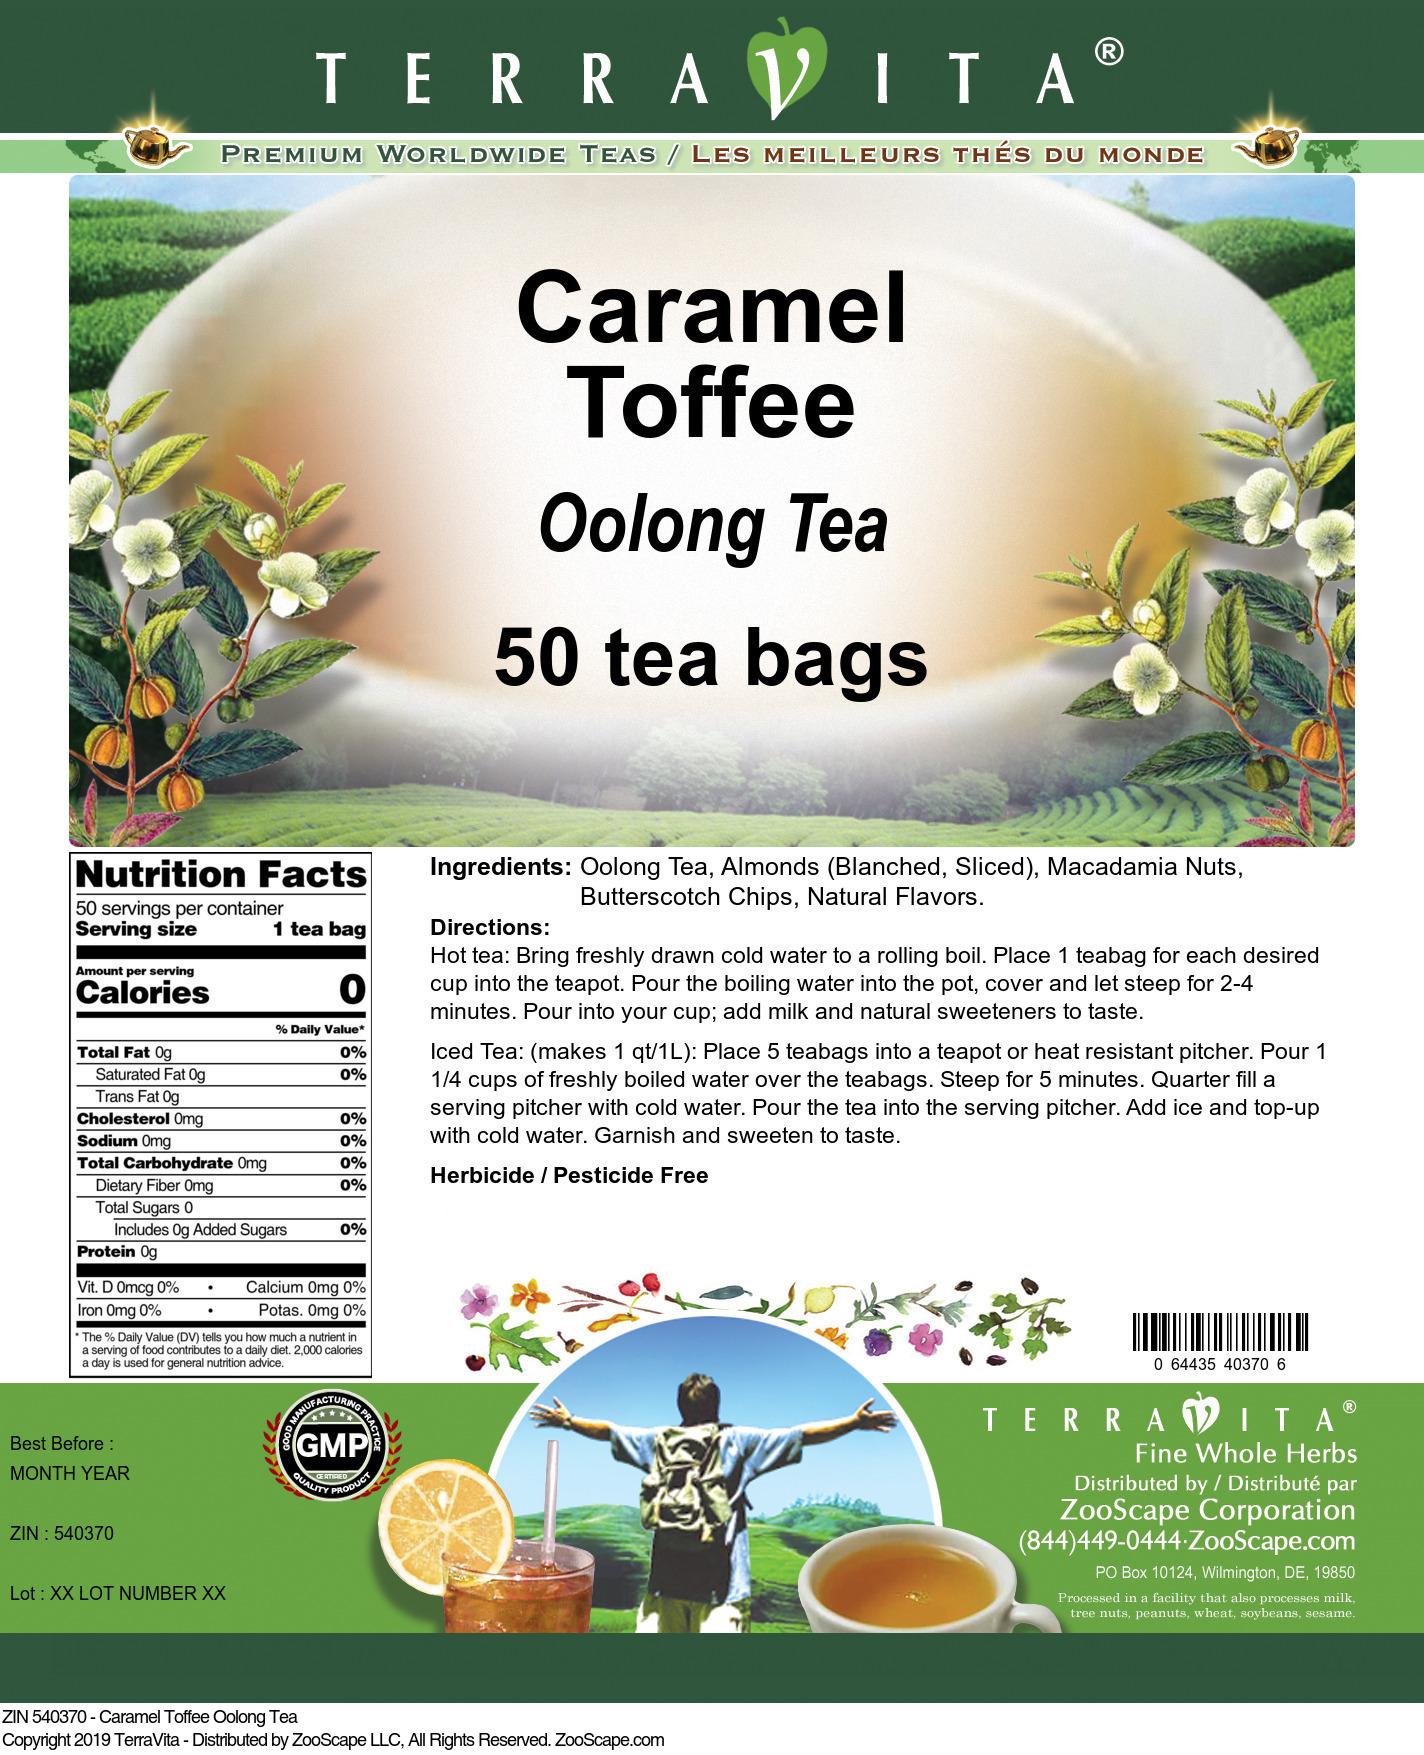 Caramel Toffee Oolong Tea